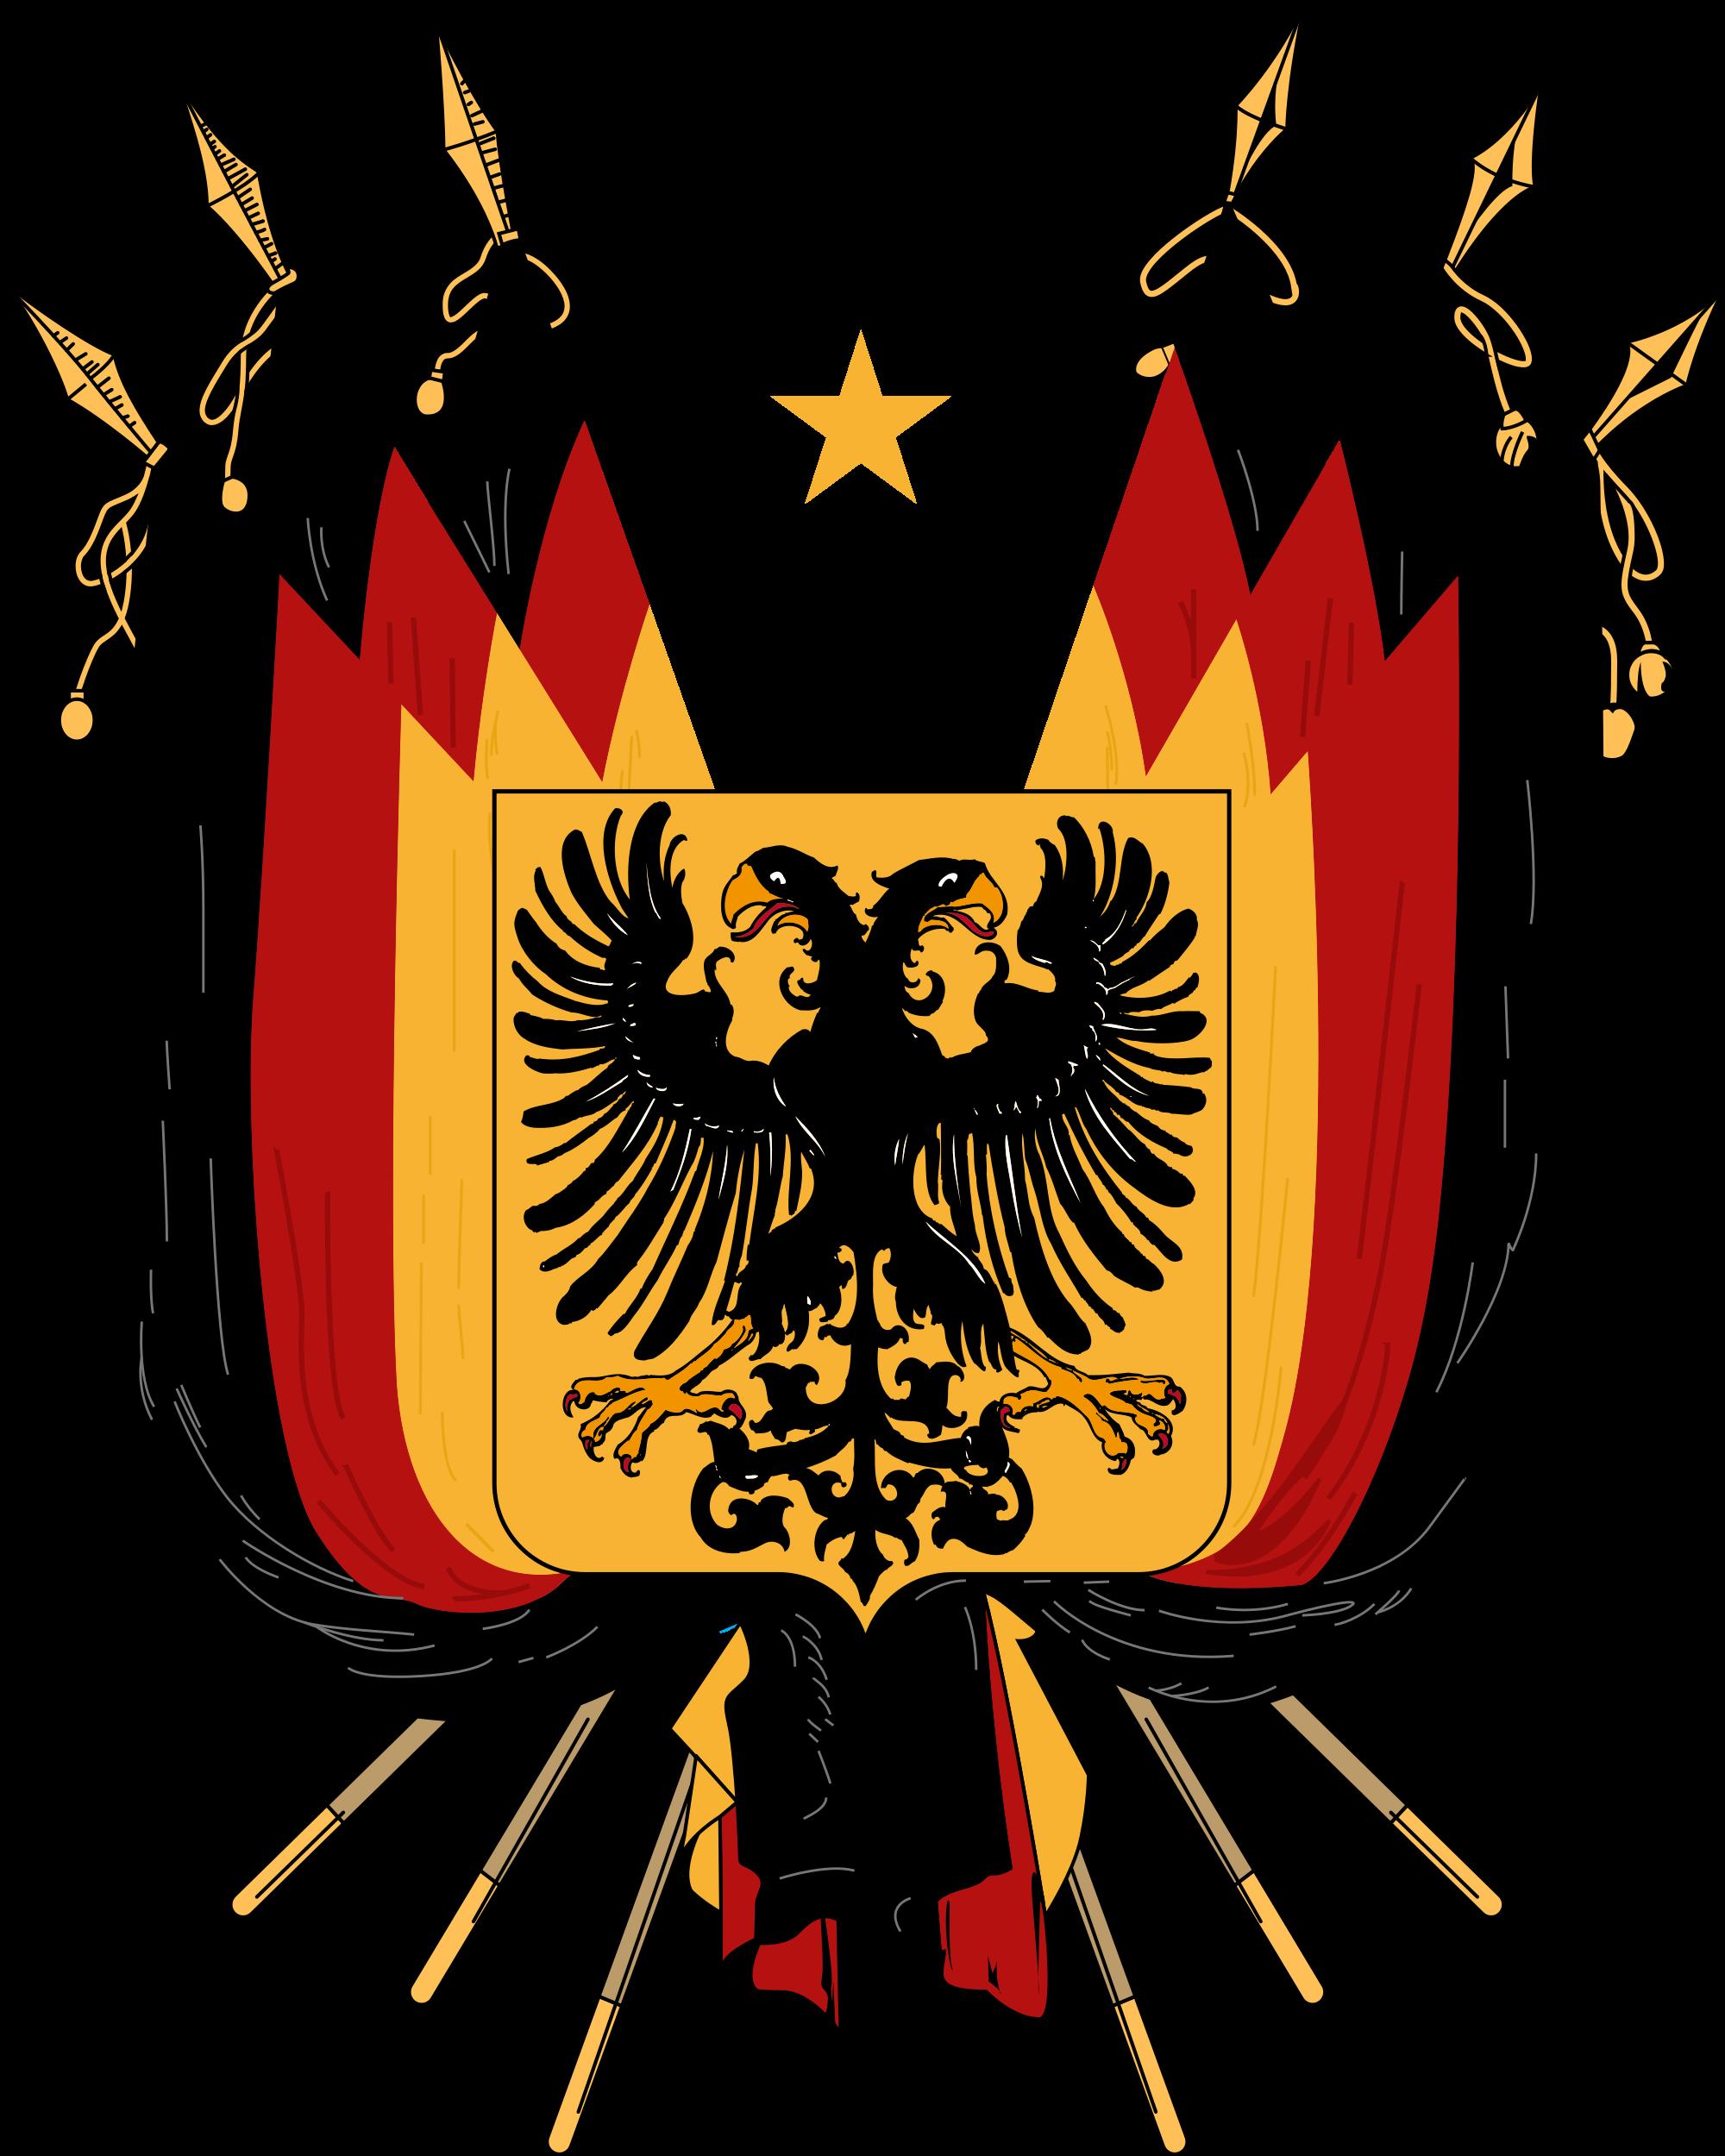 germany 1848 german coat of arms pinterest. Black Bedroom Furniture Sets. Home Design Ideas